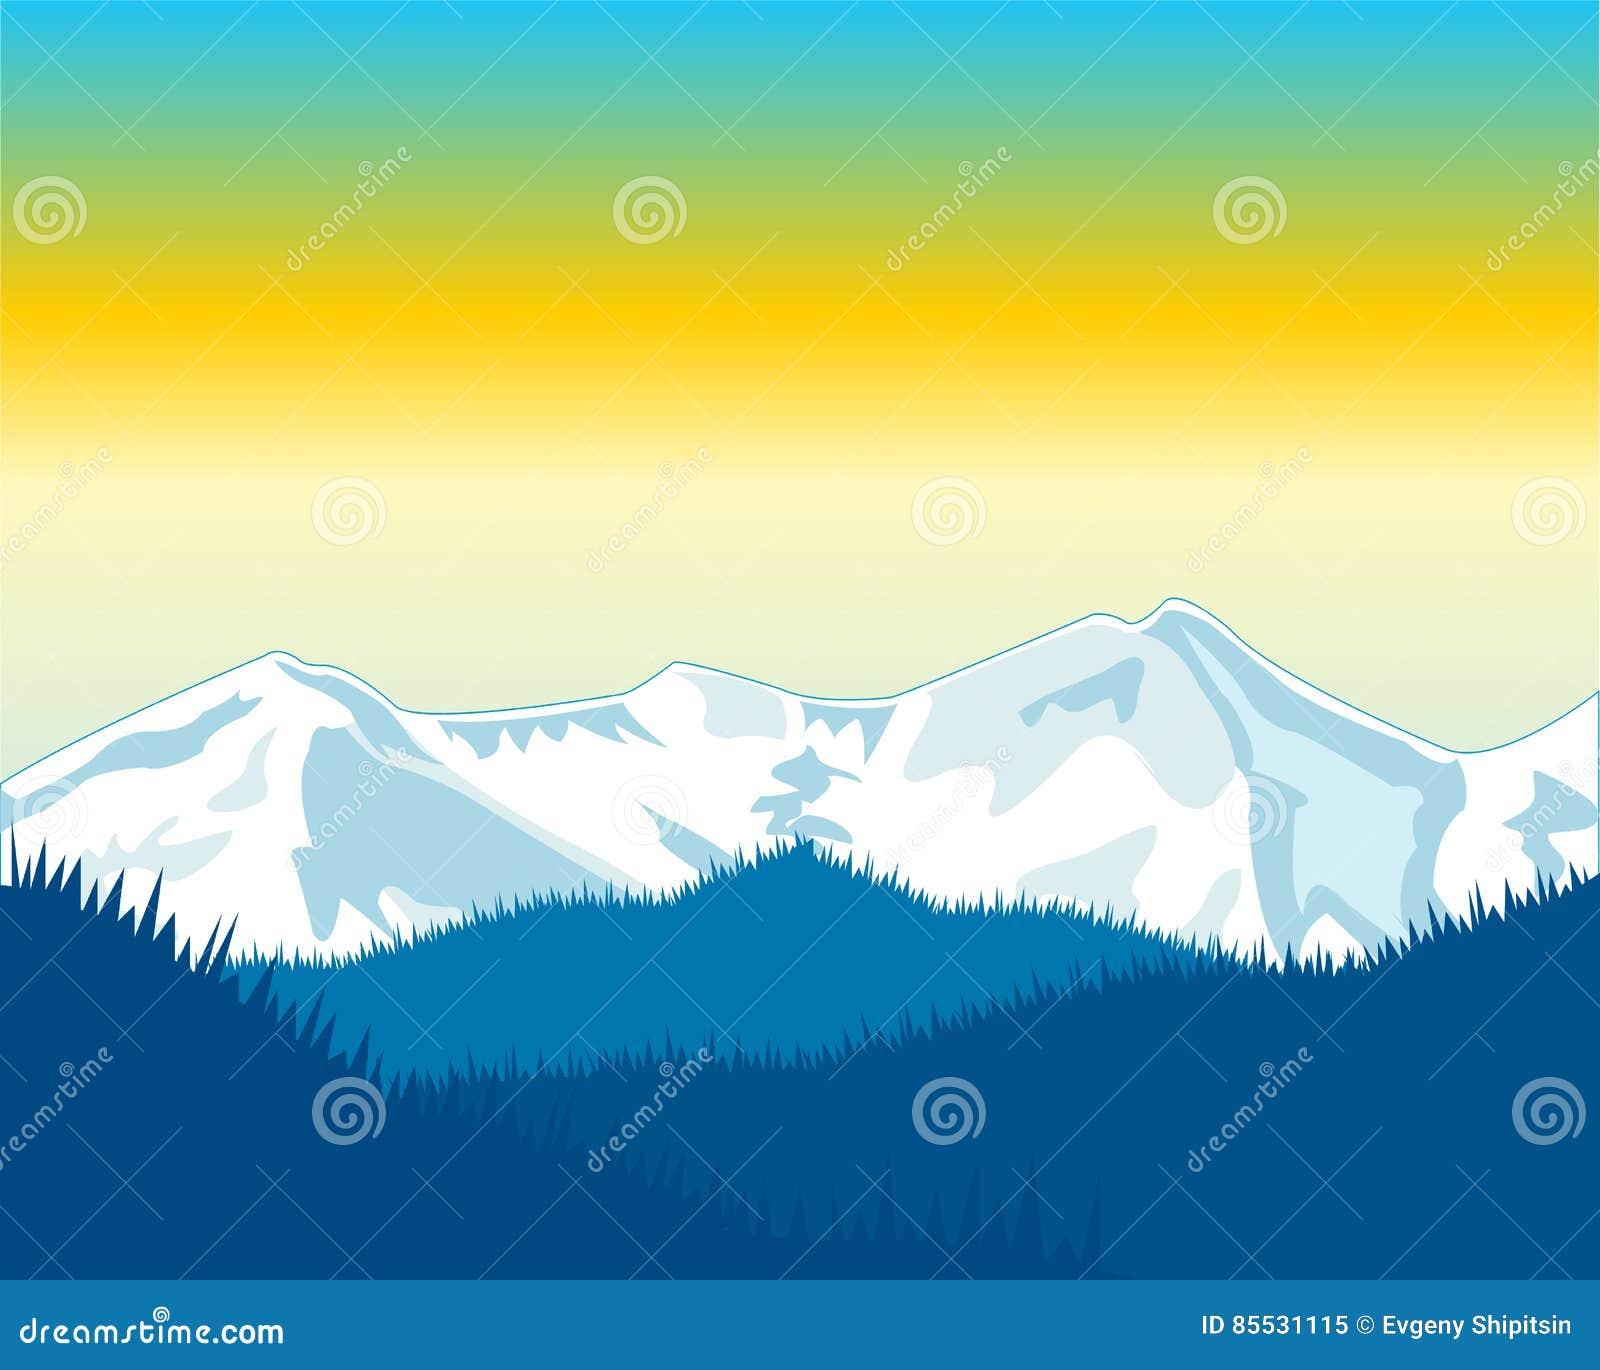 Dawning in mountain